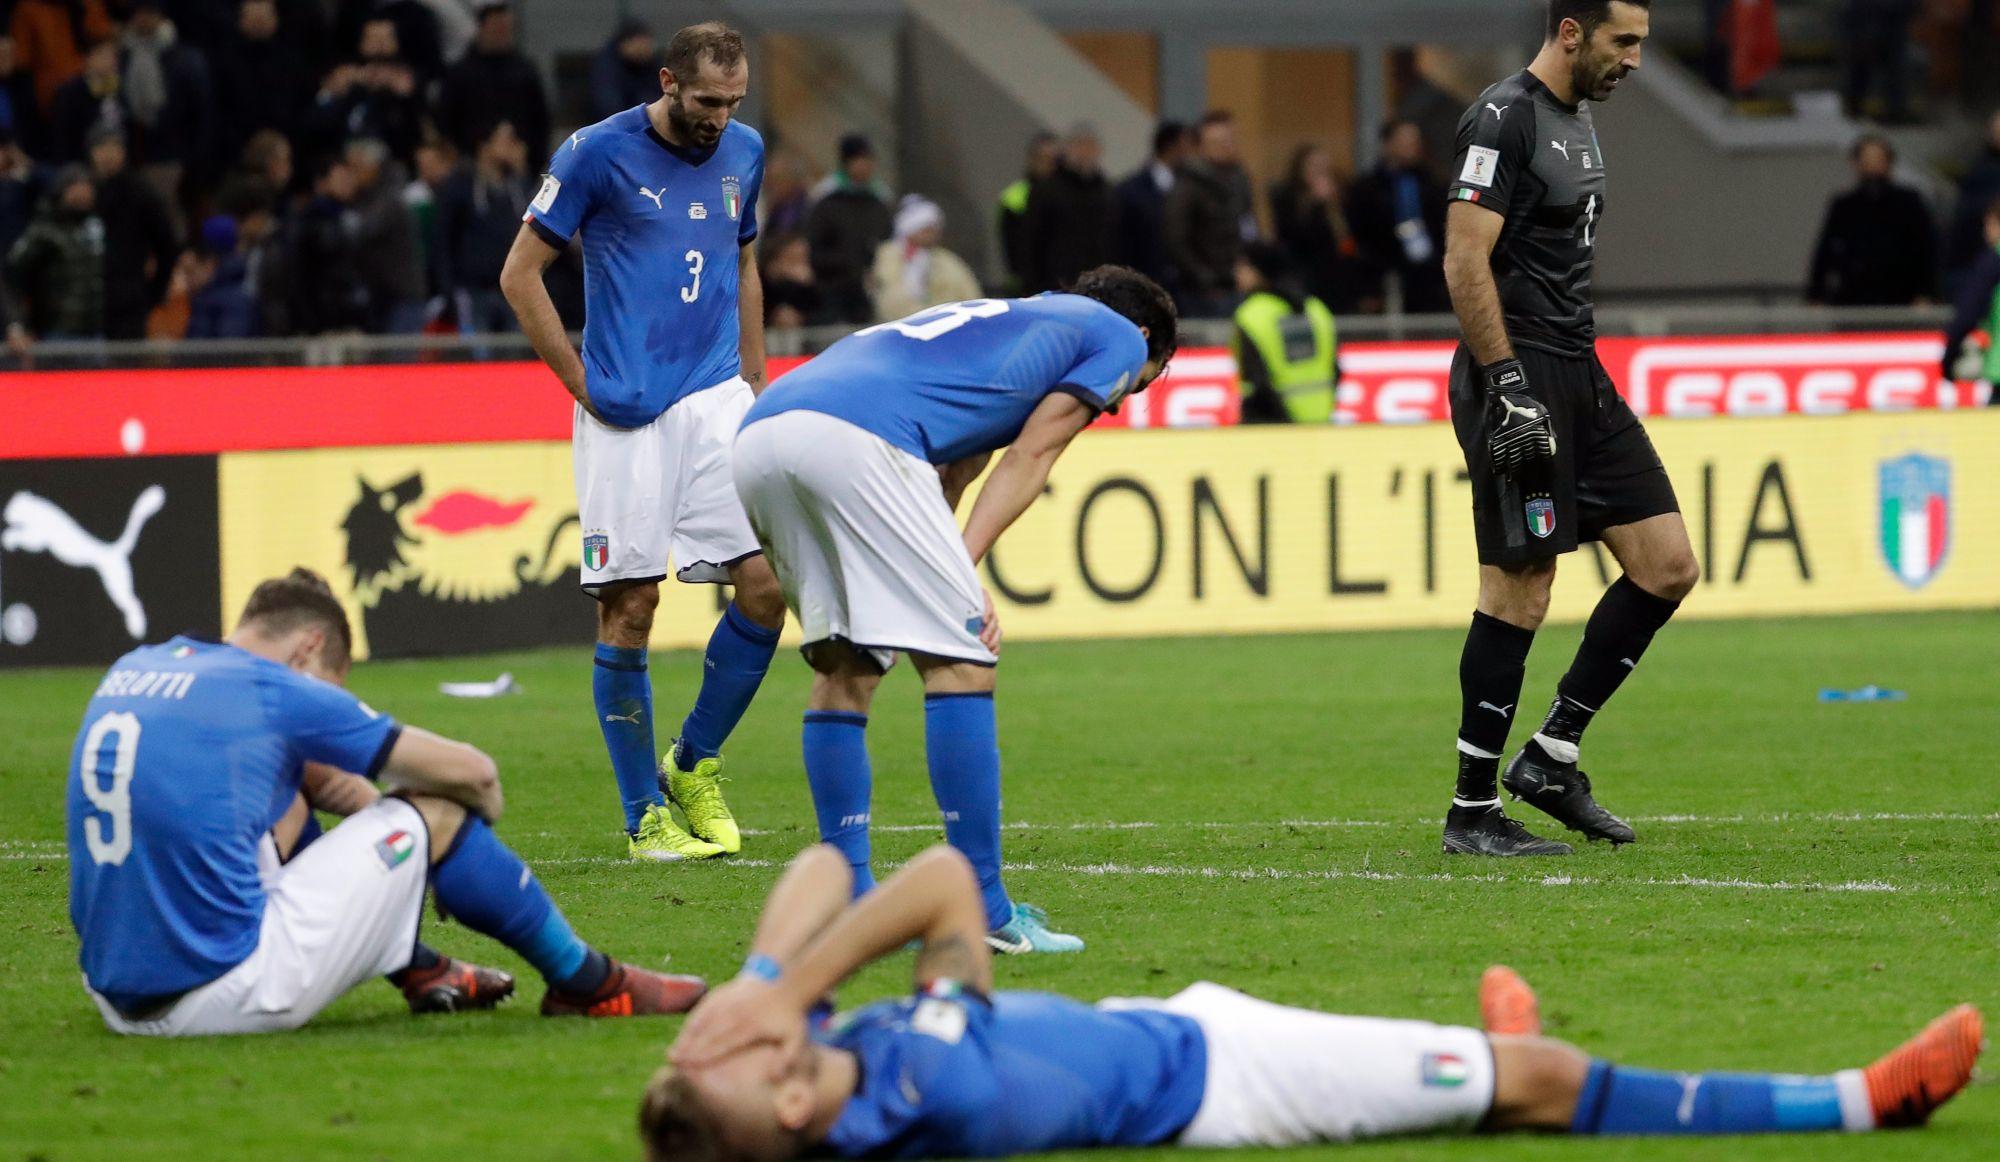 Désastre national: l'Italie exclue du Mondial 2018